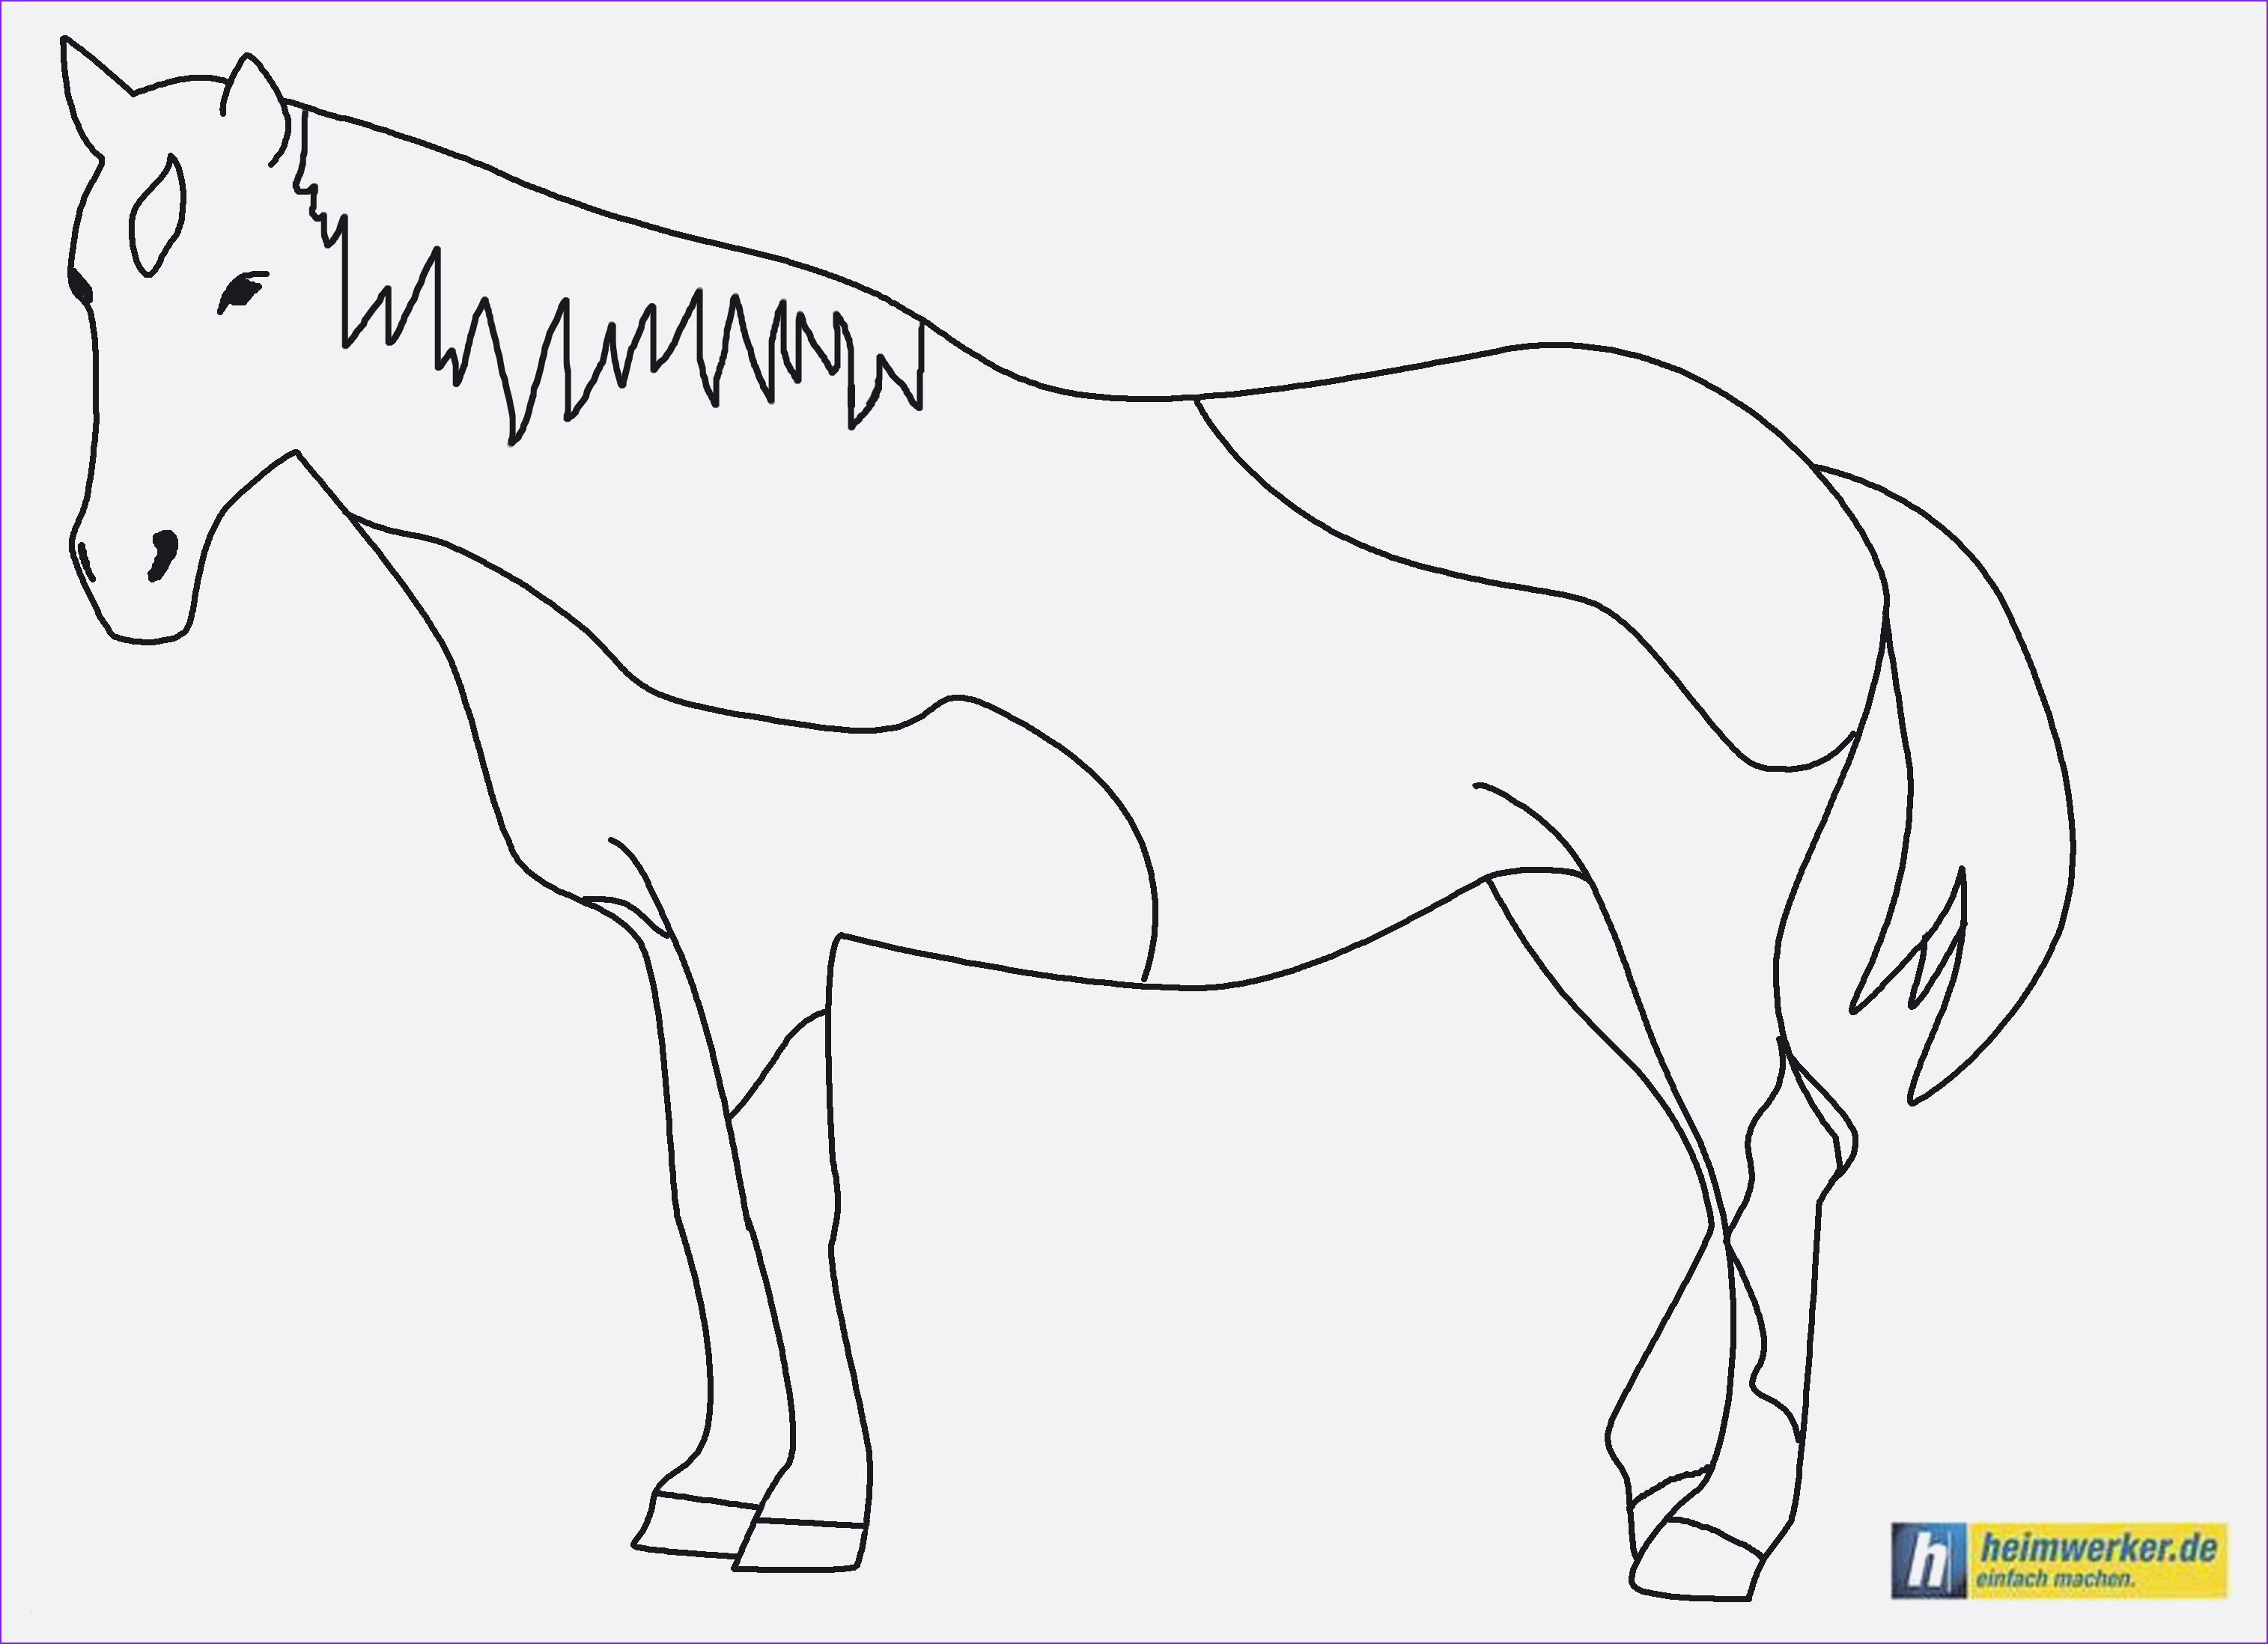 Ausmalbilder Pferde Zum Ausdrucken Kostenlos Einzigartig Bayern Ausmalbilder Neu Igel Grundschule 0d Archives Uploadertalk Fotos